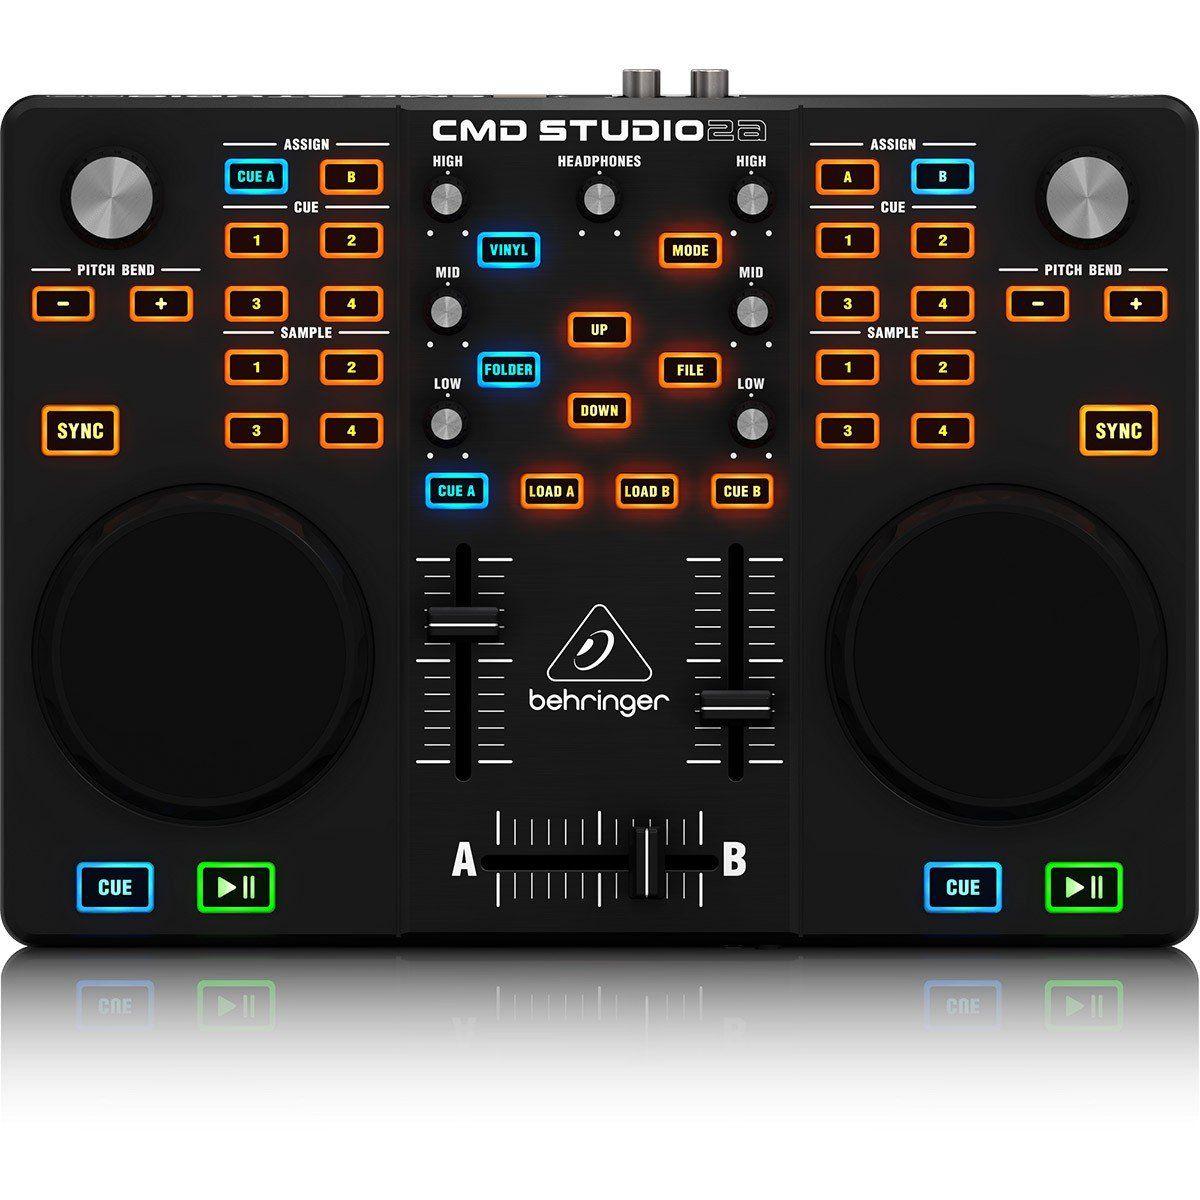 Usado - Behringer CMD Studio 2A Controladora Dj Profissional 2 Decks para Iniciantes